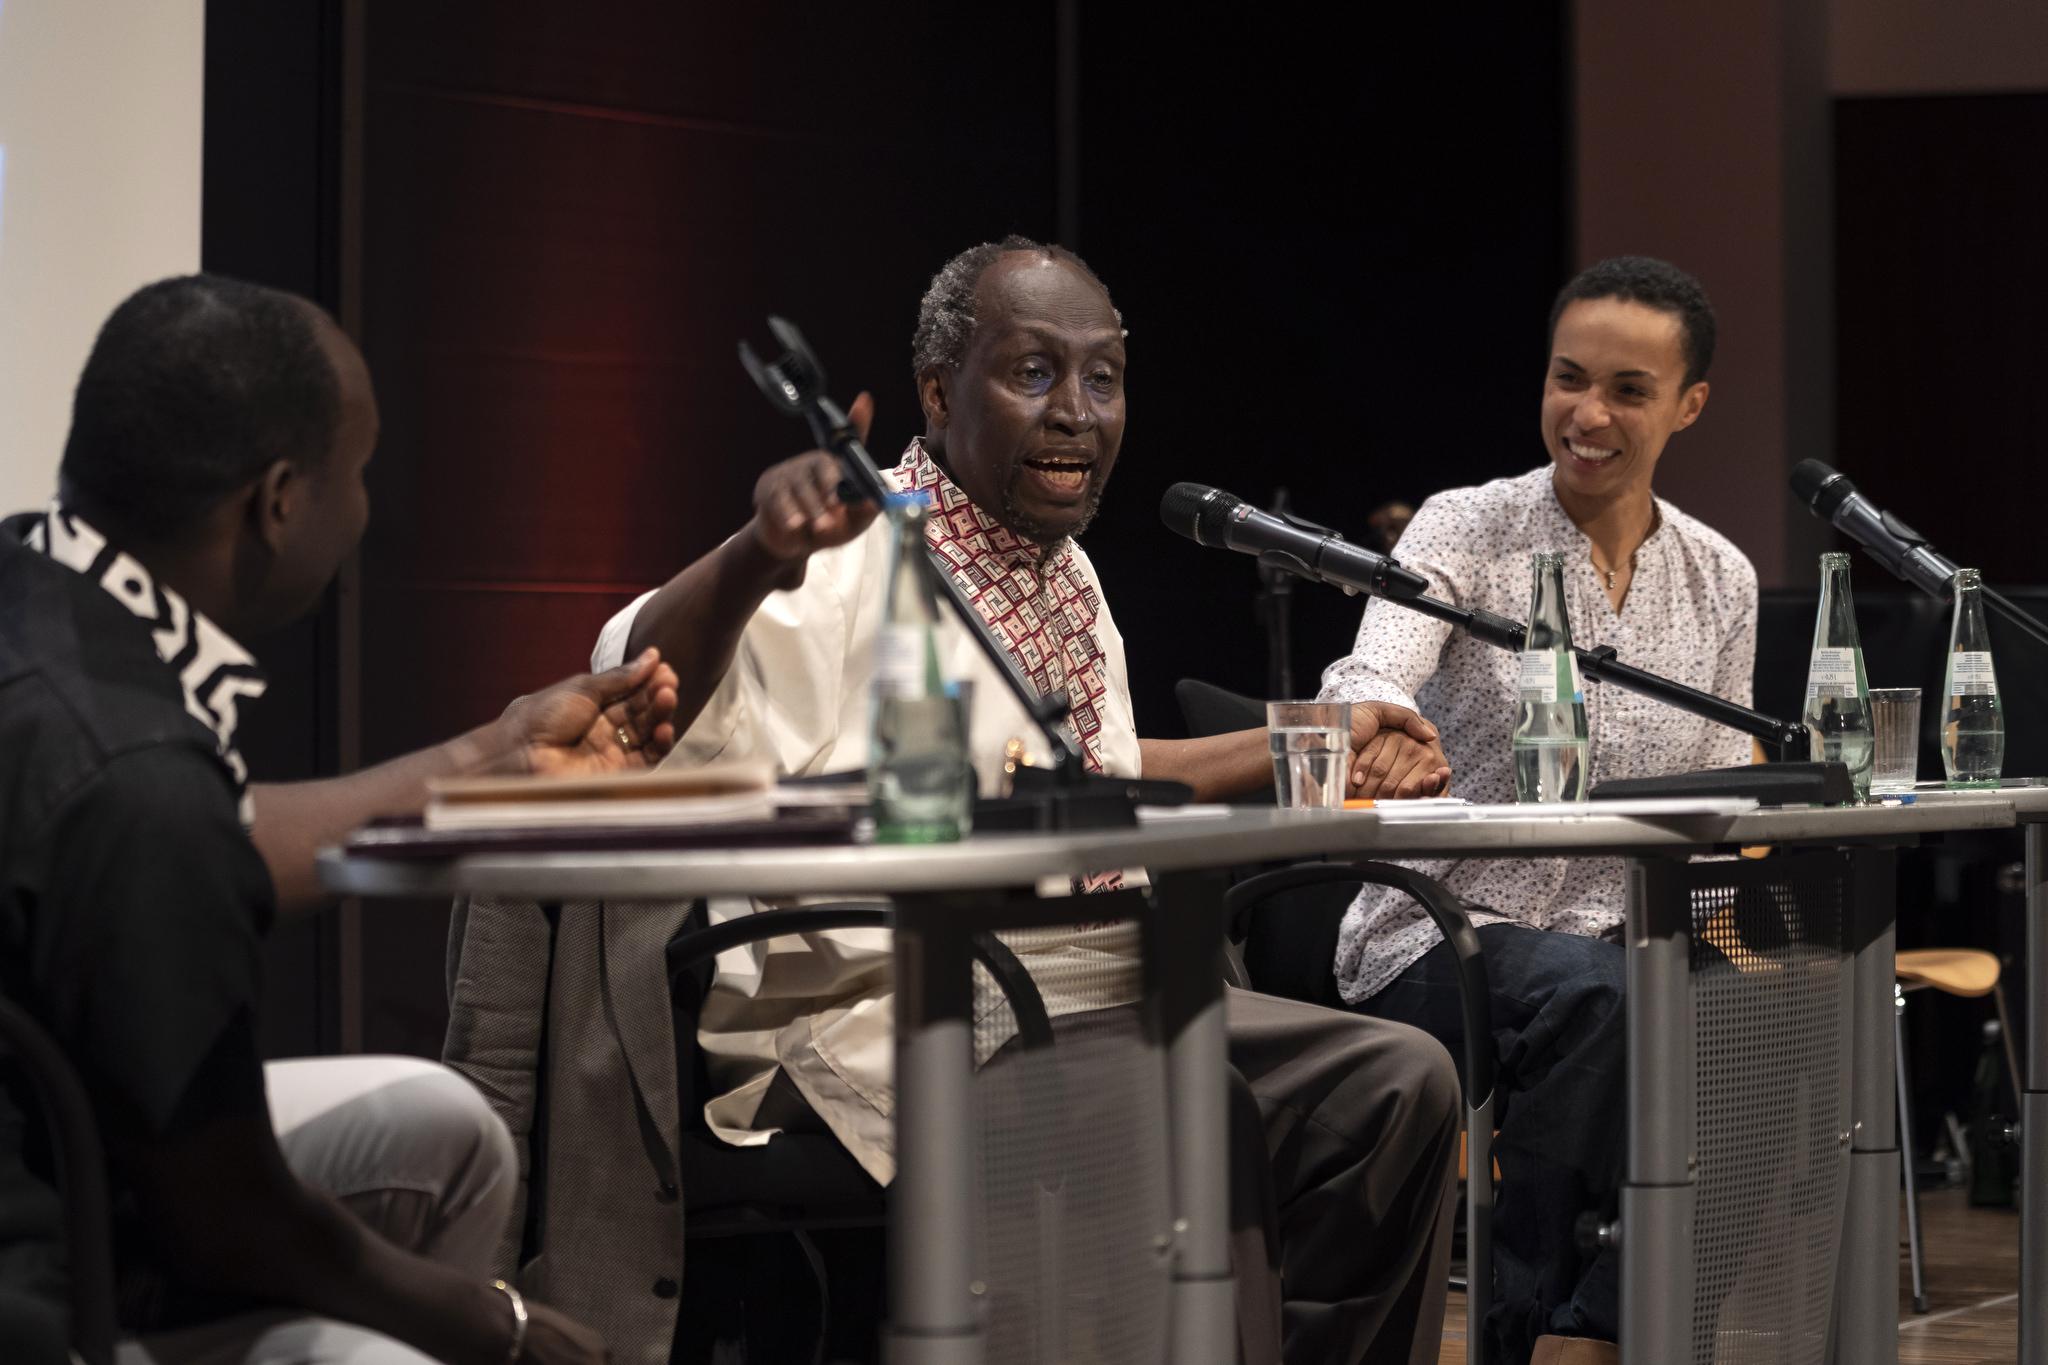 Köln 18.6. 2018 Rautenstrauch_Joest Museum, Veranstaltung von Stimmen Afrikas mit dem kenianischen Autor, Ngugi Wa Thiongo Foto: Herby Sachs/version-foto.de